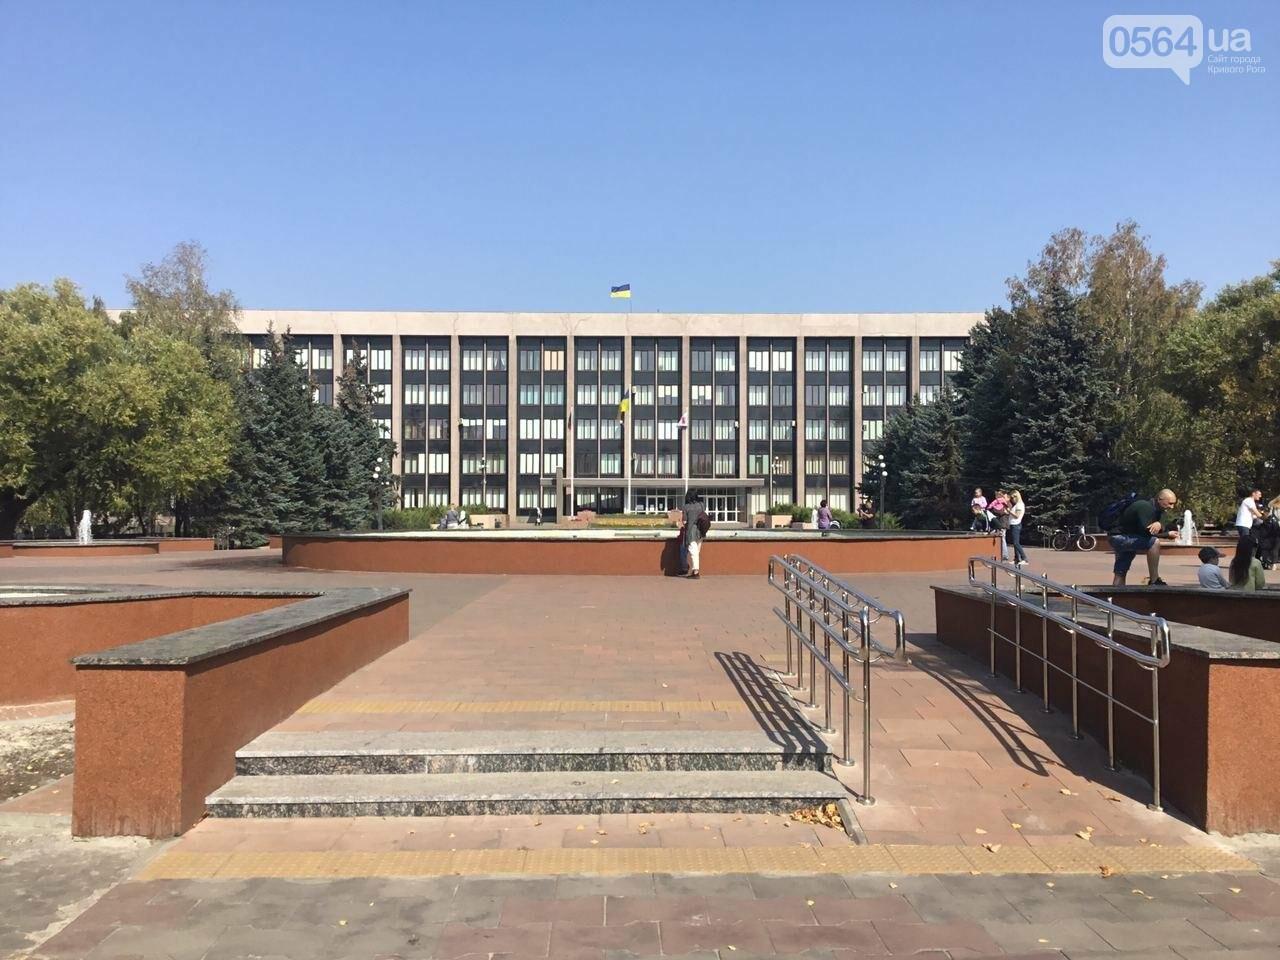 9 кандидатов в мэры и 7 партийных списков, - кого в Кривом Роге зарегистрировали кандидатами в градоначальники, - ФОТО, ВИДЕО, фото-15